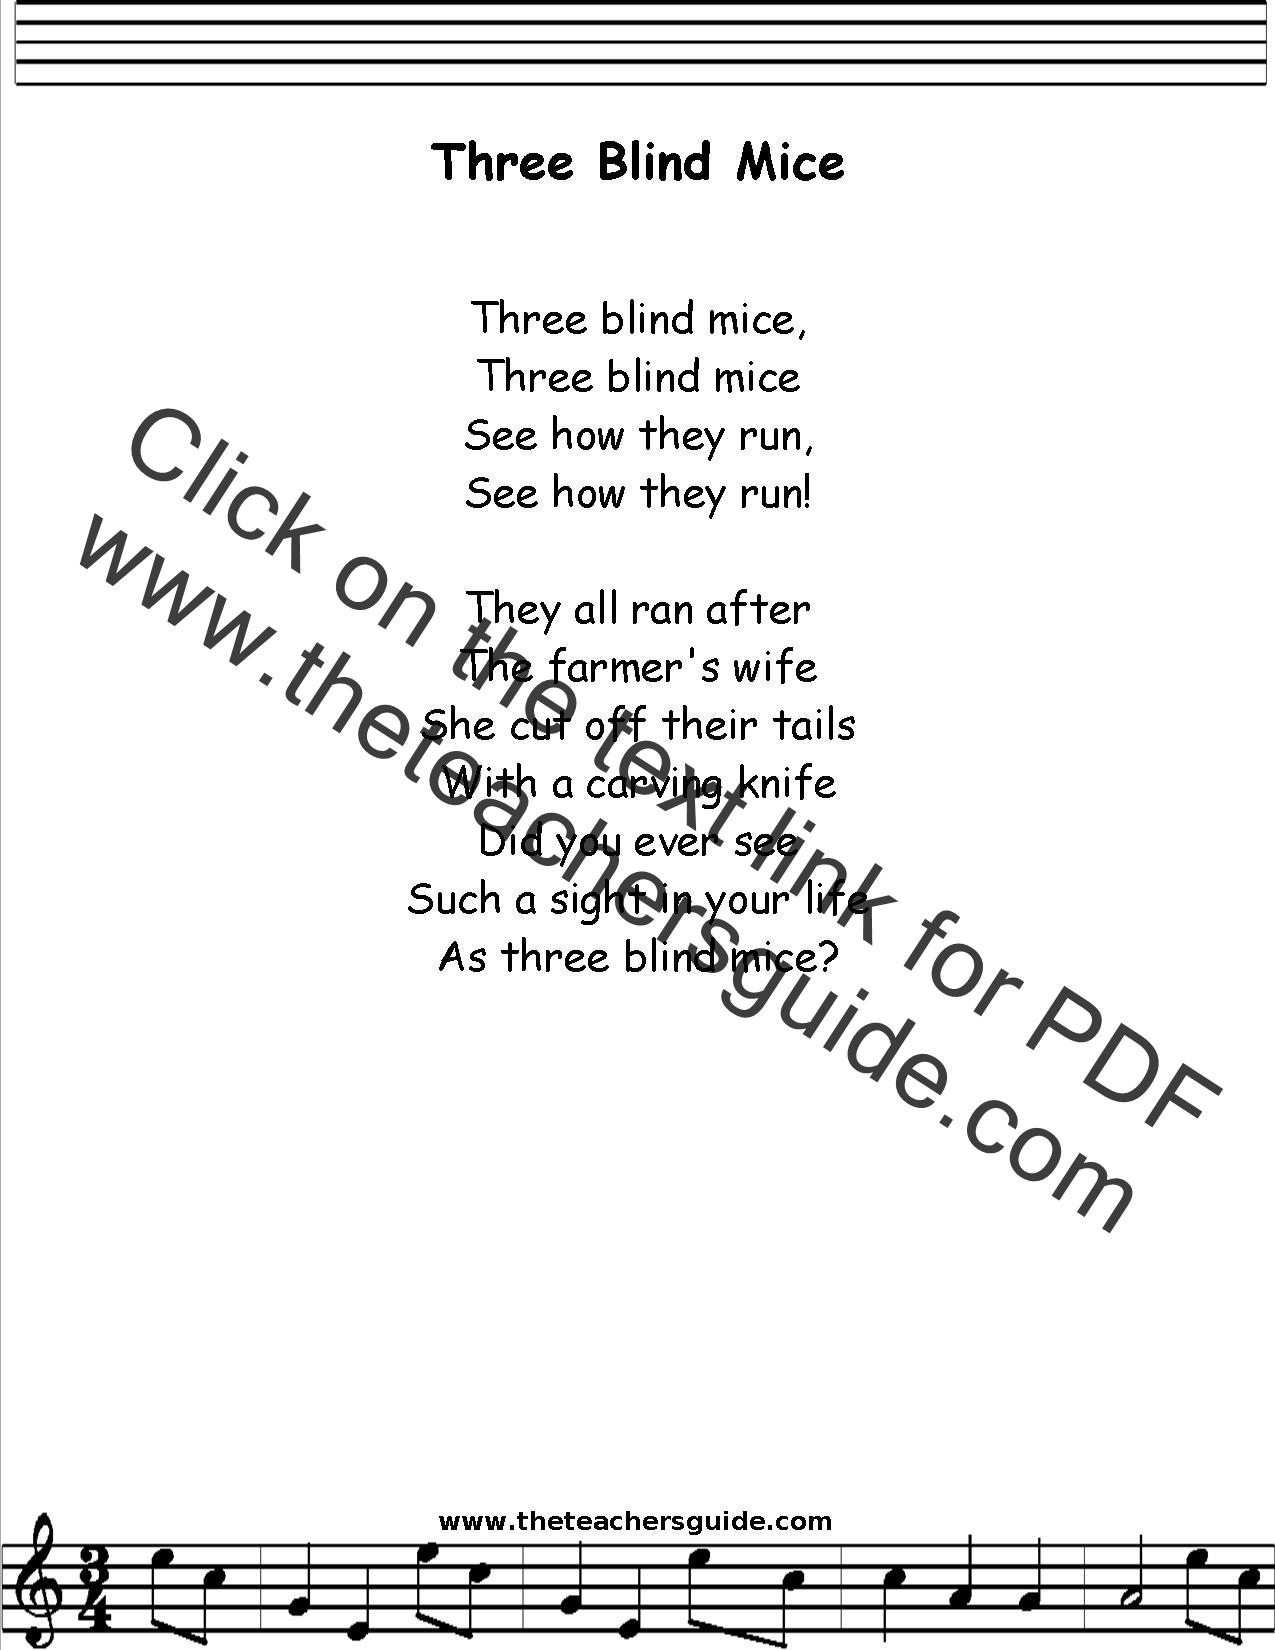 Three Blind Mice Lyrics Printout Midi And Video